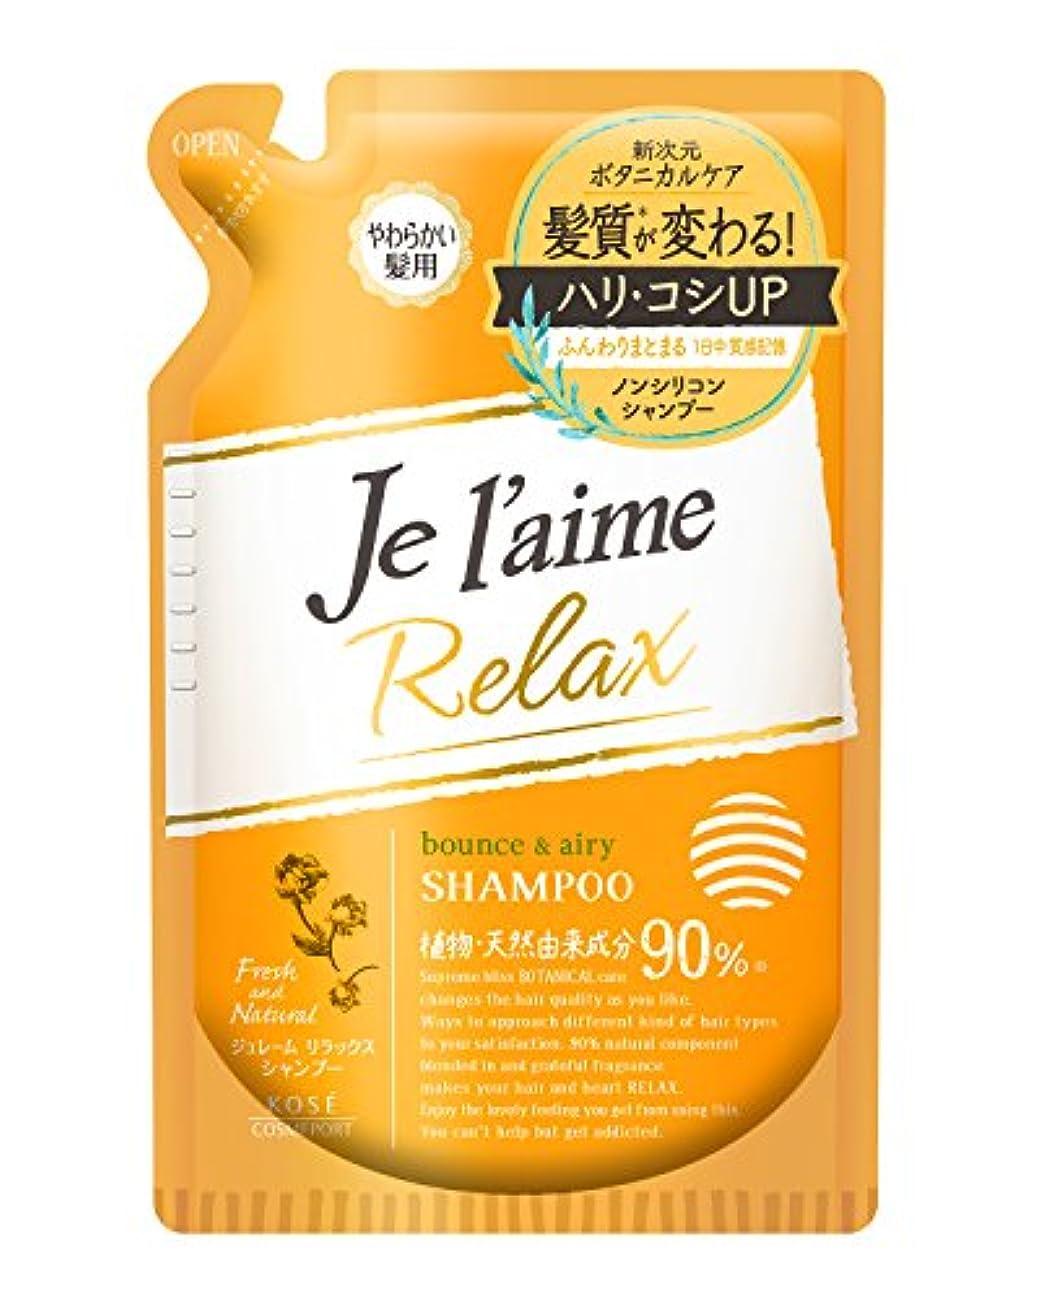 かんたん努力するレビューKOSE コーセー ジュレーム リラックス シャンプー ノンシリコン ボタニカル ケア (バウンス & エアリー) やわらかい髪用 つめかえ 400mL